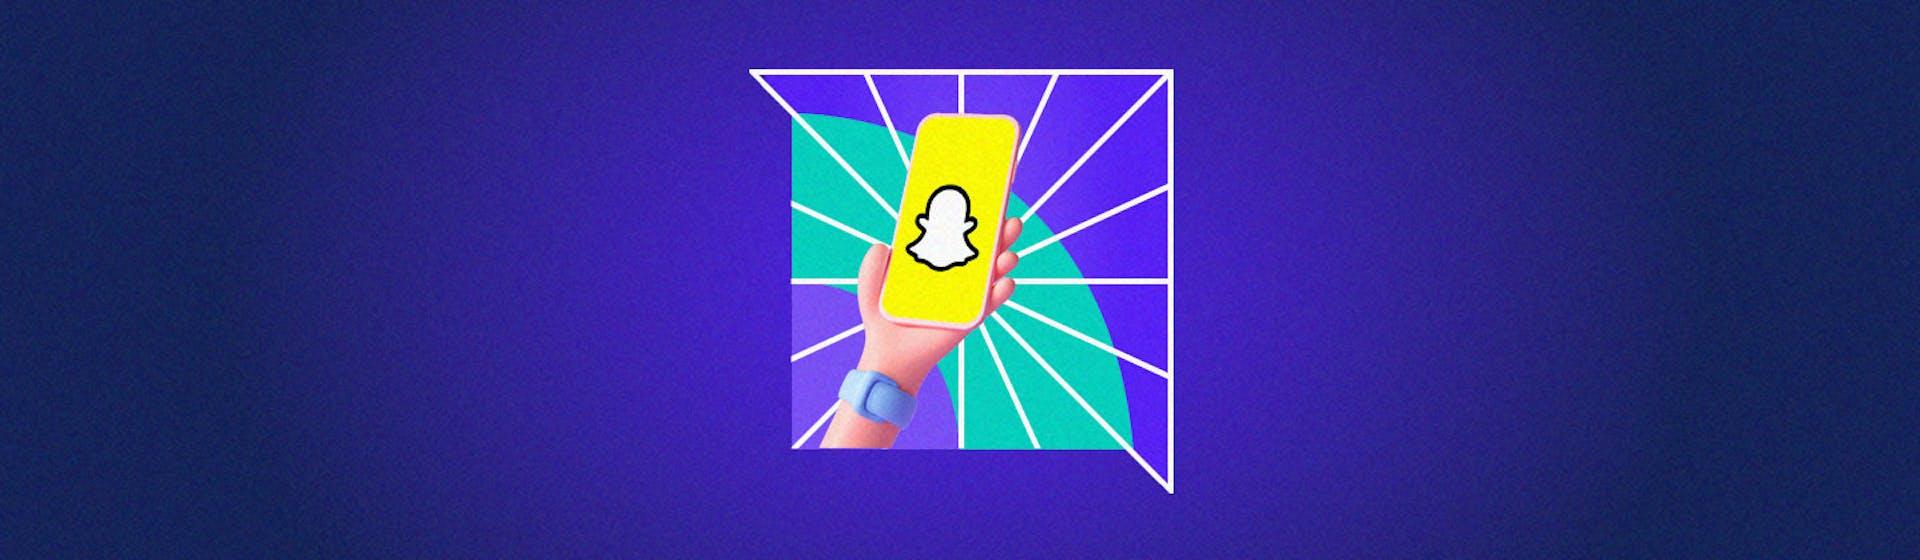 15 características de Snapchat que te harán abrir una cuenta y postear snaps como nunca antes